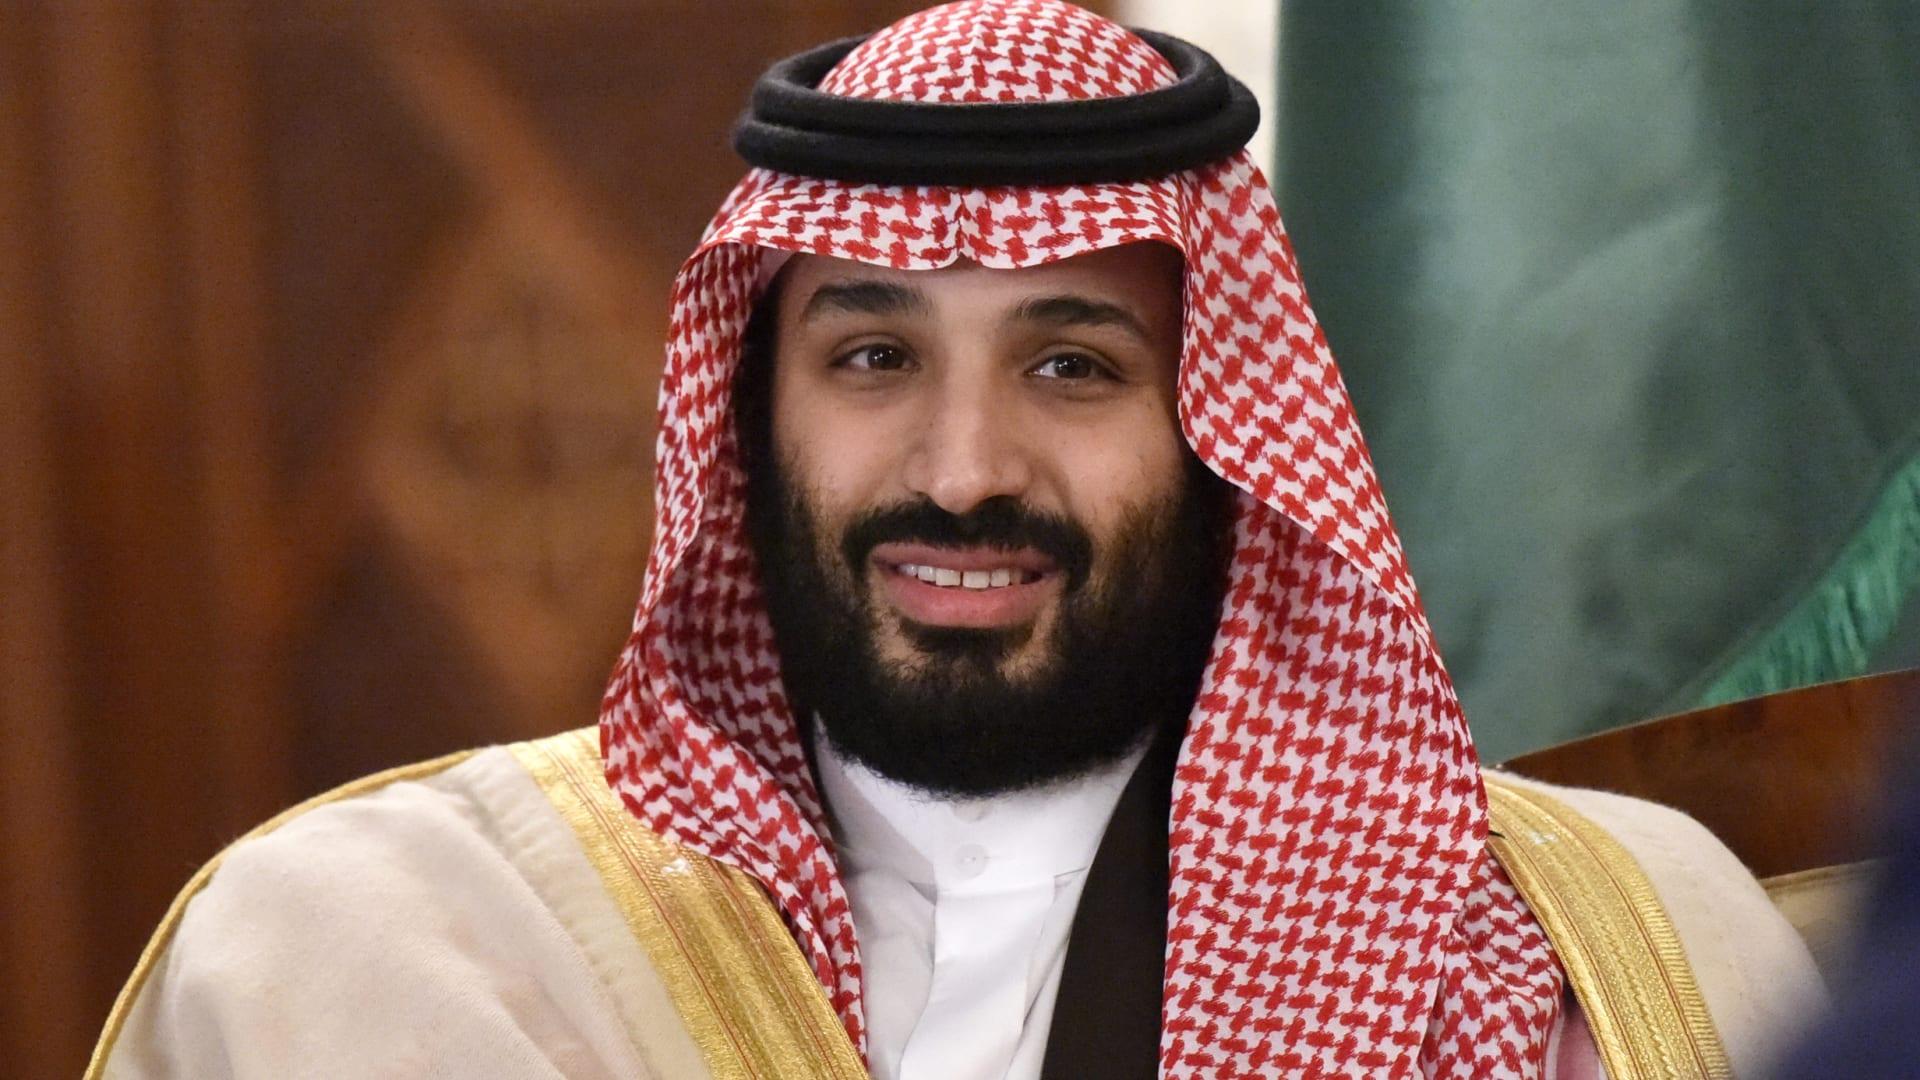 """مراسل CNN يشرح تفاصيل برنامج """"شريك"""" الذي أعلن عنه الأمير محمد بن سلمان"""